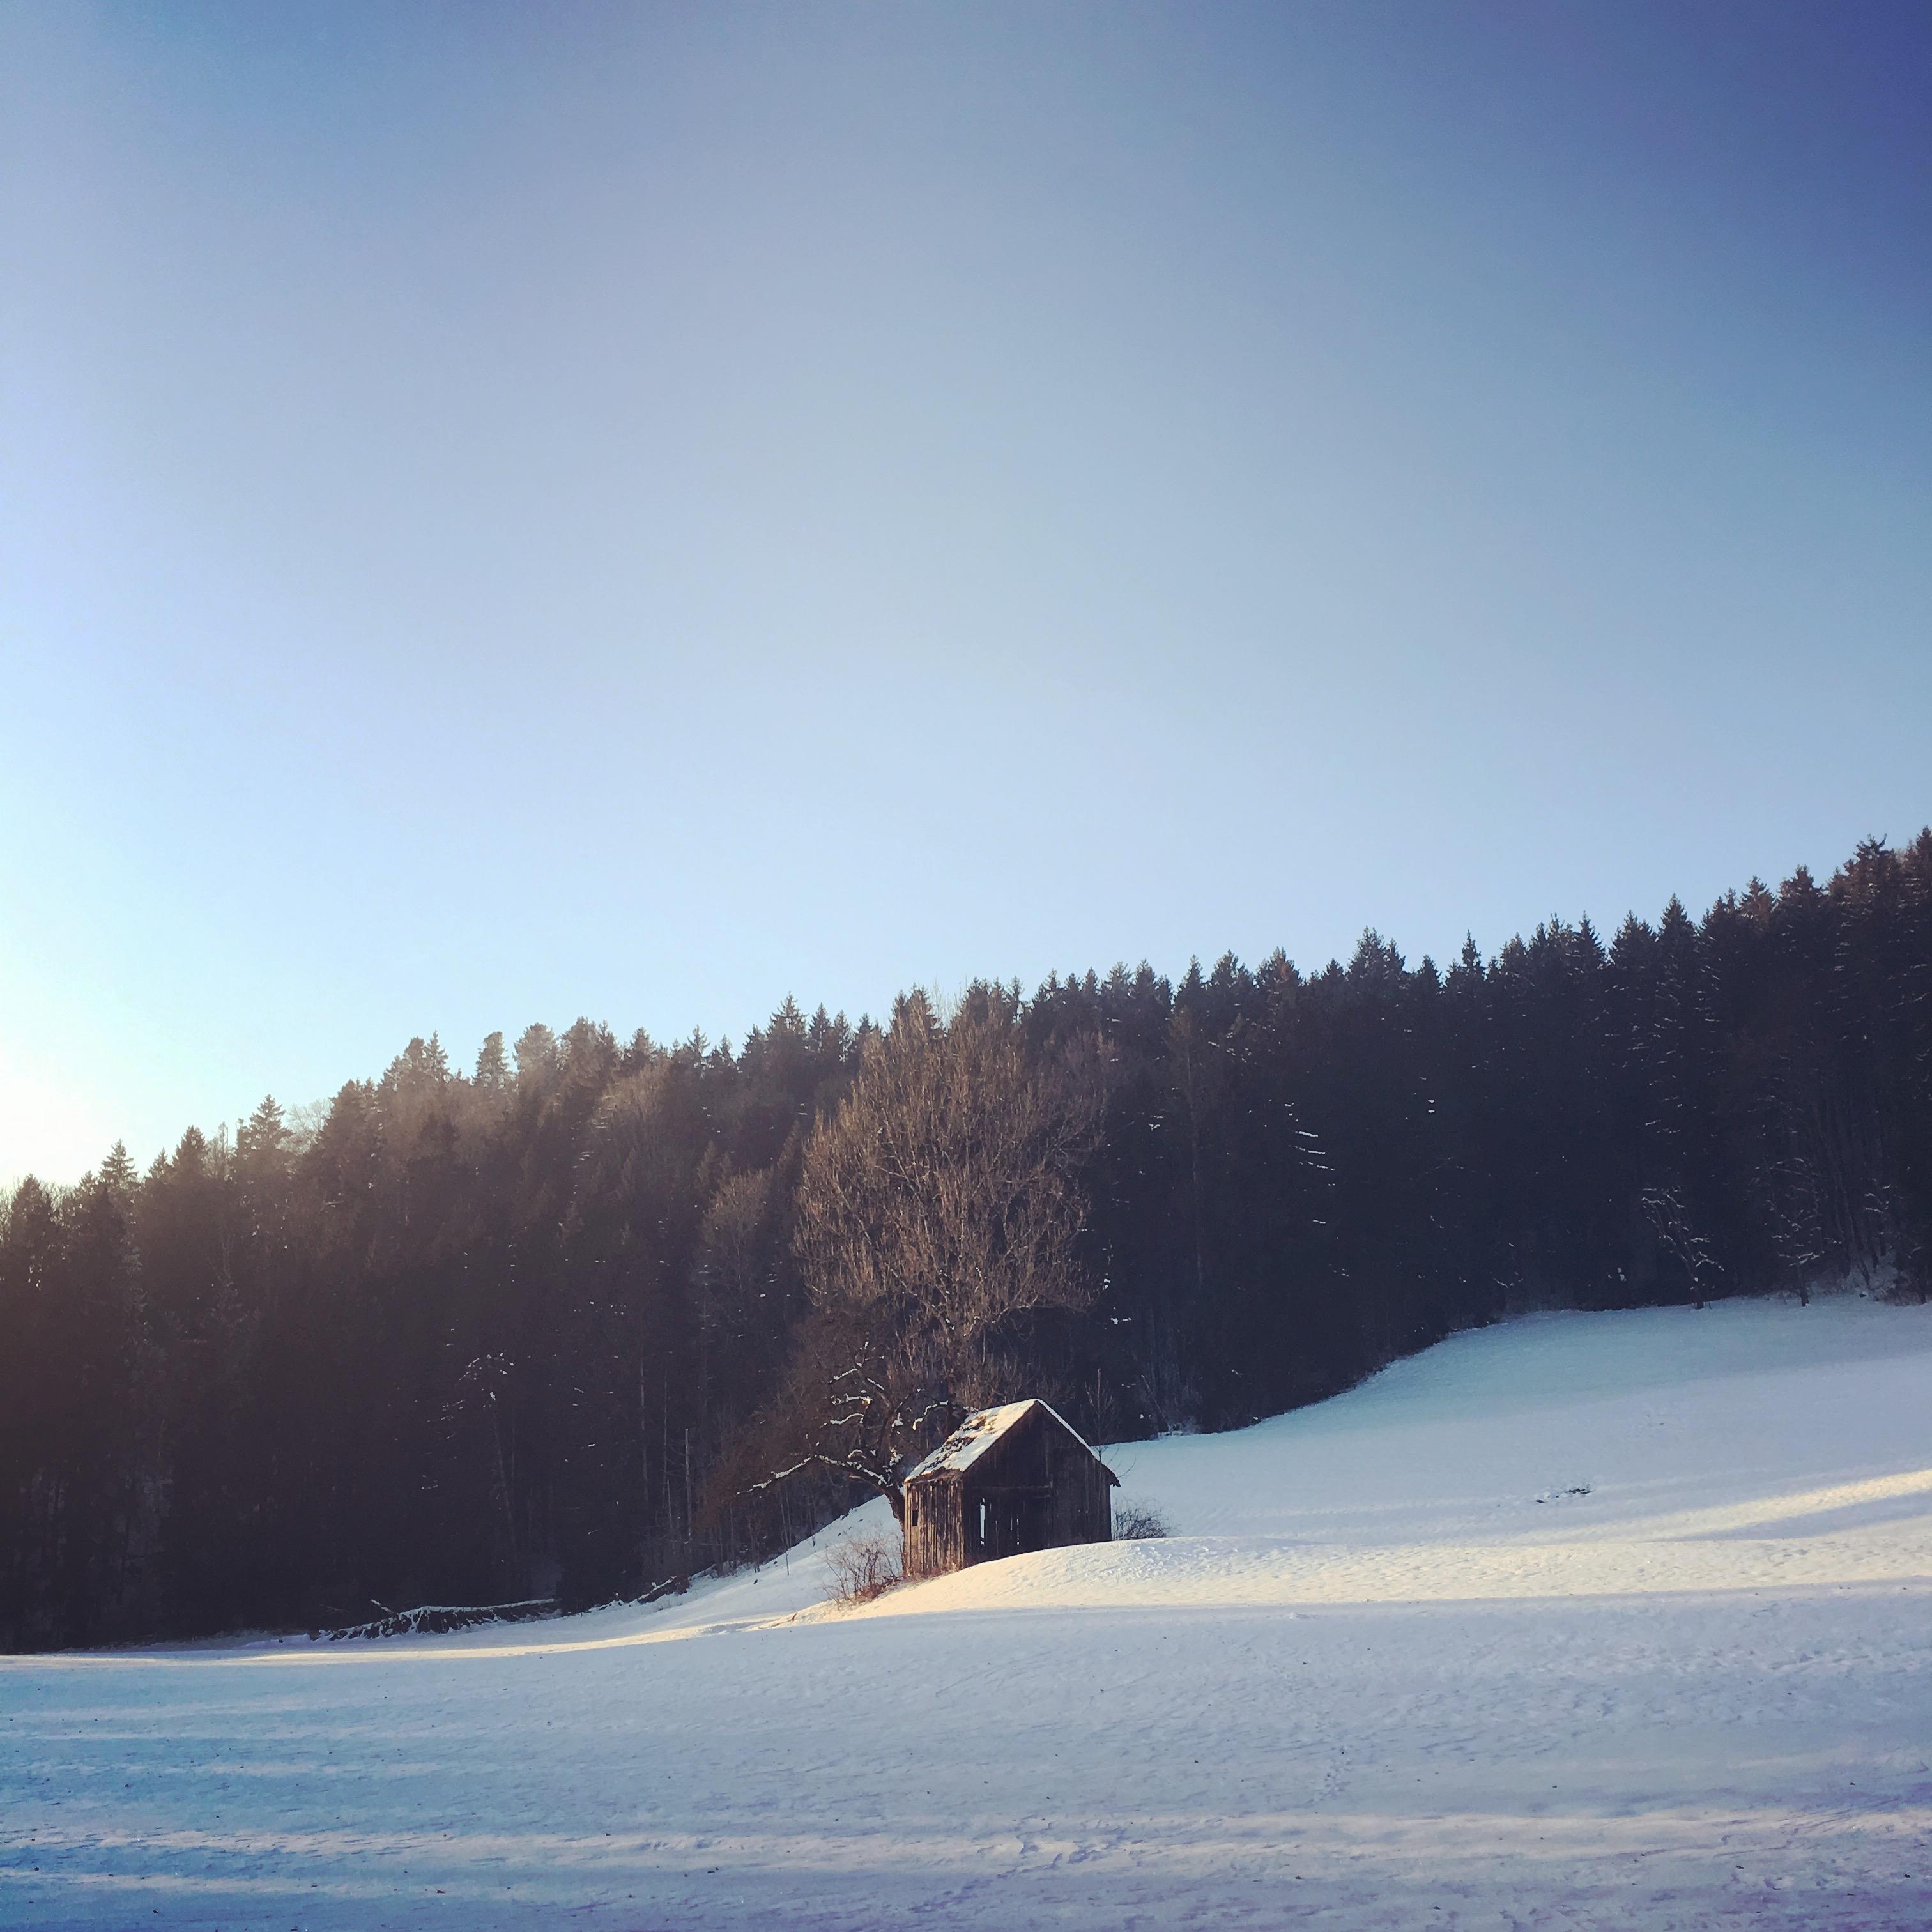 maybeyoulike_weeekendvibes_winter_2